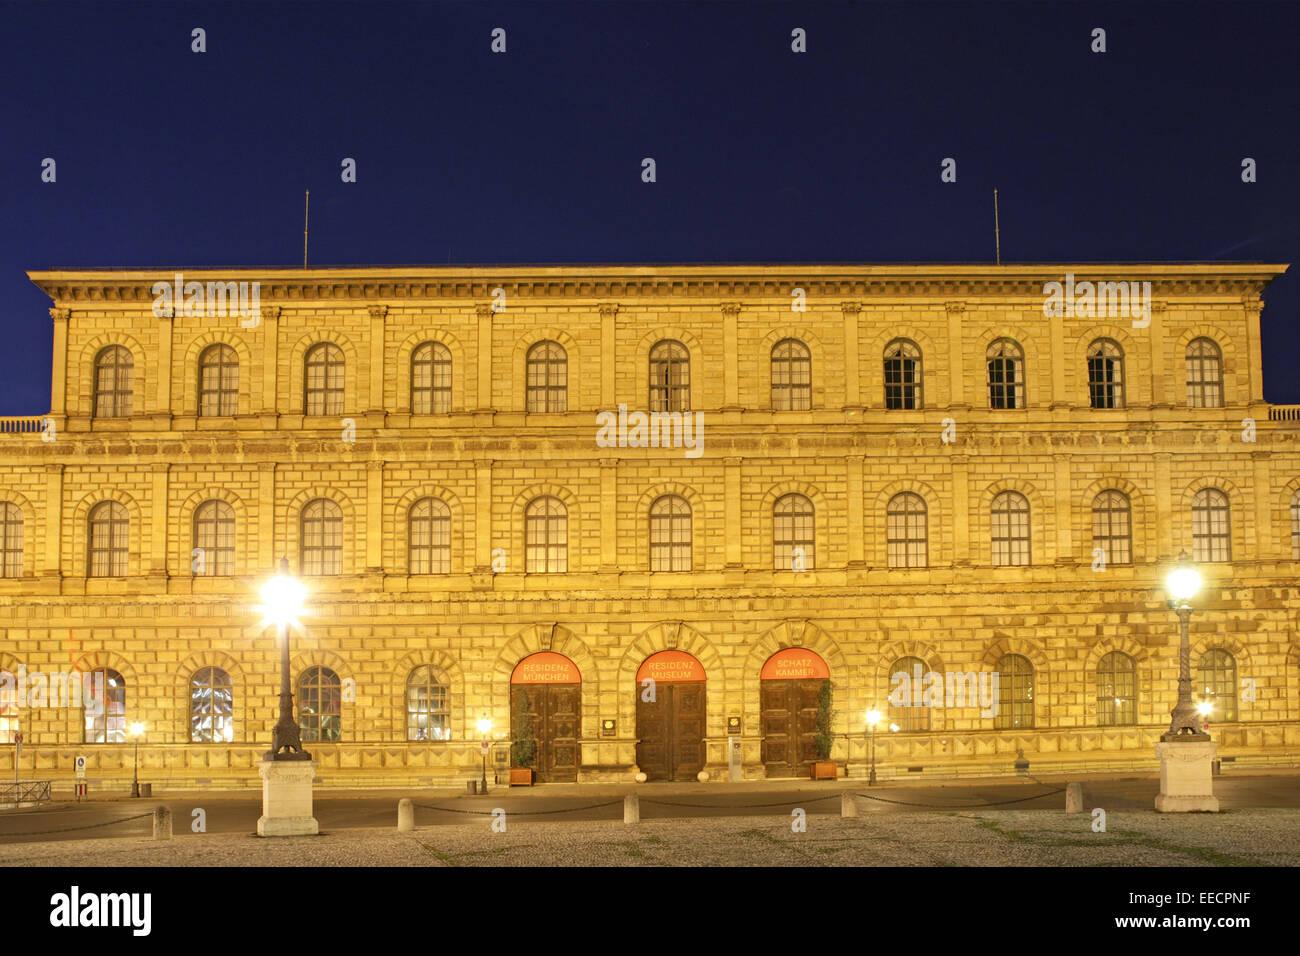 Architektur, Bauwerk, Bauwerke, Bayern, Deutschland, Gebaeude, Gebäude, Joseph, Max, Max-Joseph-Platz, Muenchen, - Stock Image